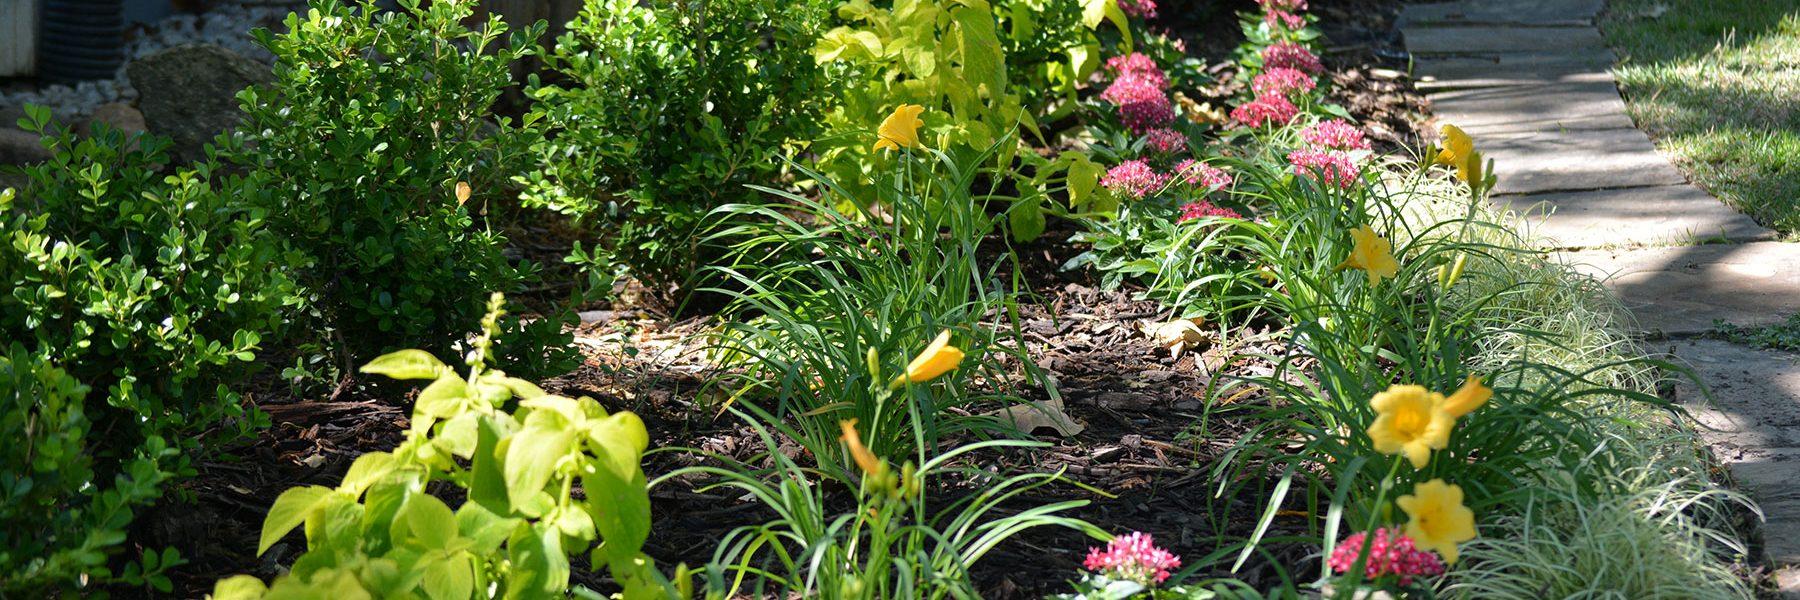 landscape design, landscape maintenance, landscape installation, landscaping, landscaping design, landscaping maintenance, landscaping installation, lawn maintenance, yard maintenance